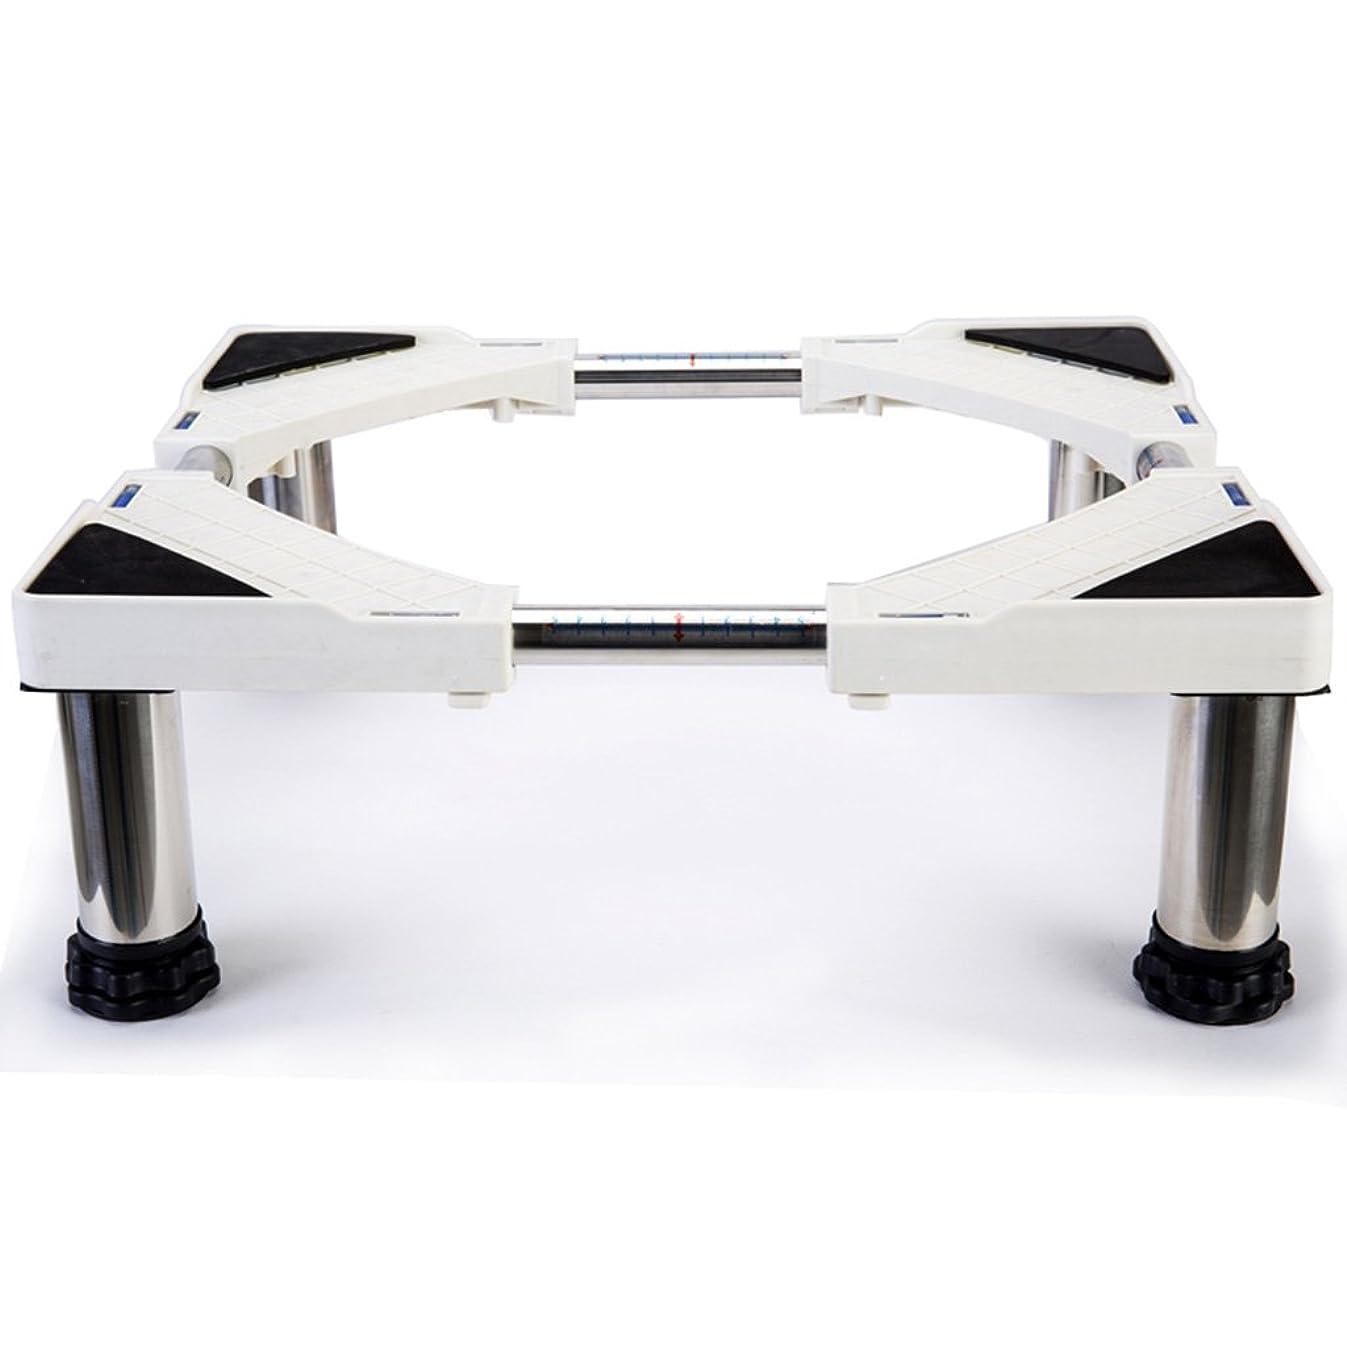 準拠純粋なリフレッシュ洗濯機 置き台 キャスター 付き 冷蔵庫 台座 乾燥機 台 ステンレス製 台車 ドラム式 伸縮式 防振 騒音抑制 頑丈